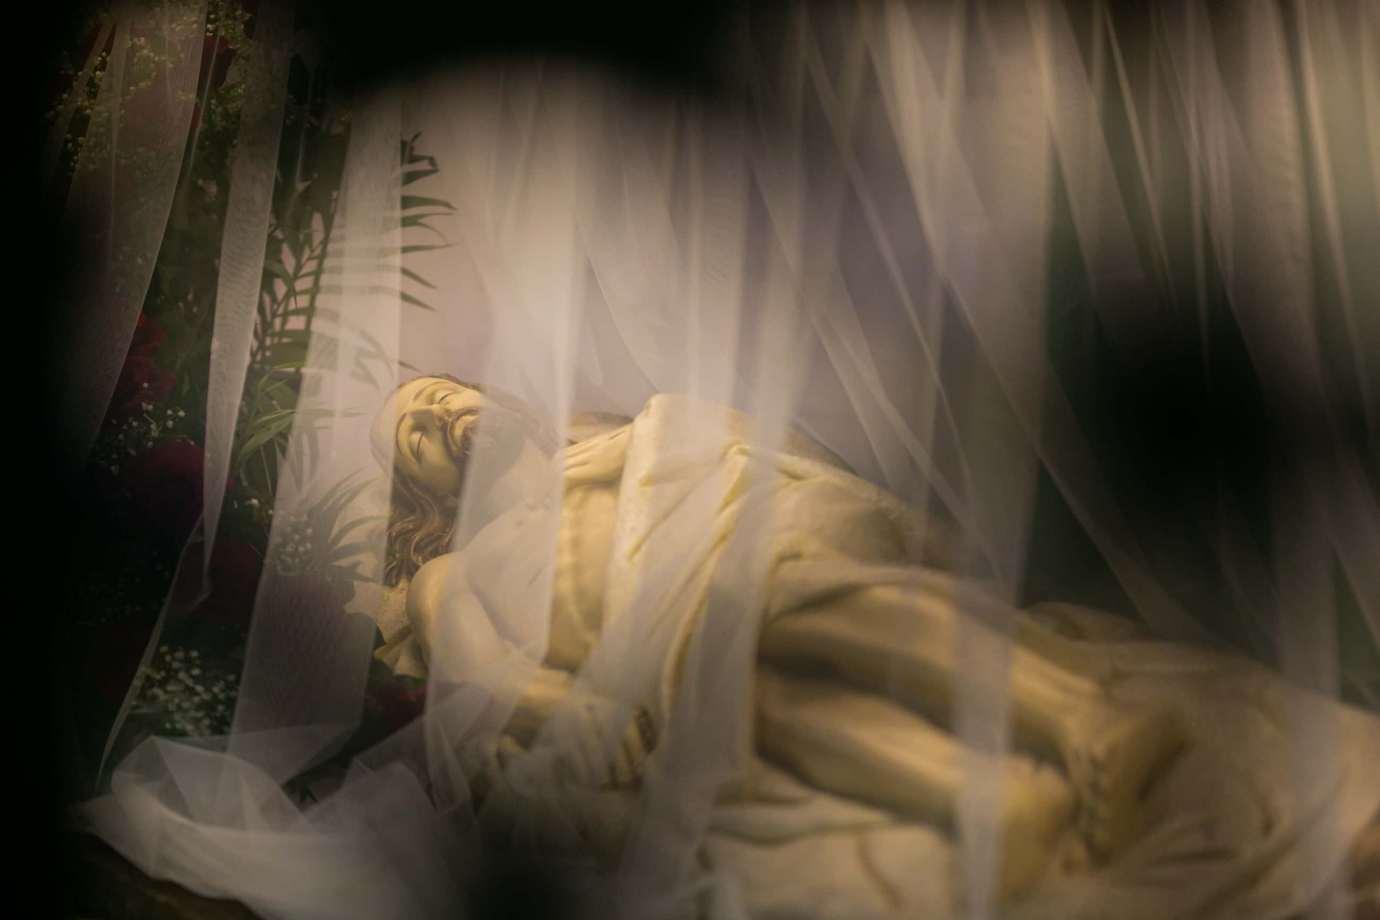 parafia katedralna zmartwychwstania panskiego i sw tomasza apostola w zamosciu 2a Zdjęcia grobów pańskich w zamojskich świątyniach